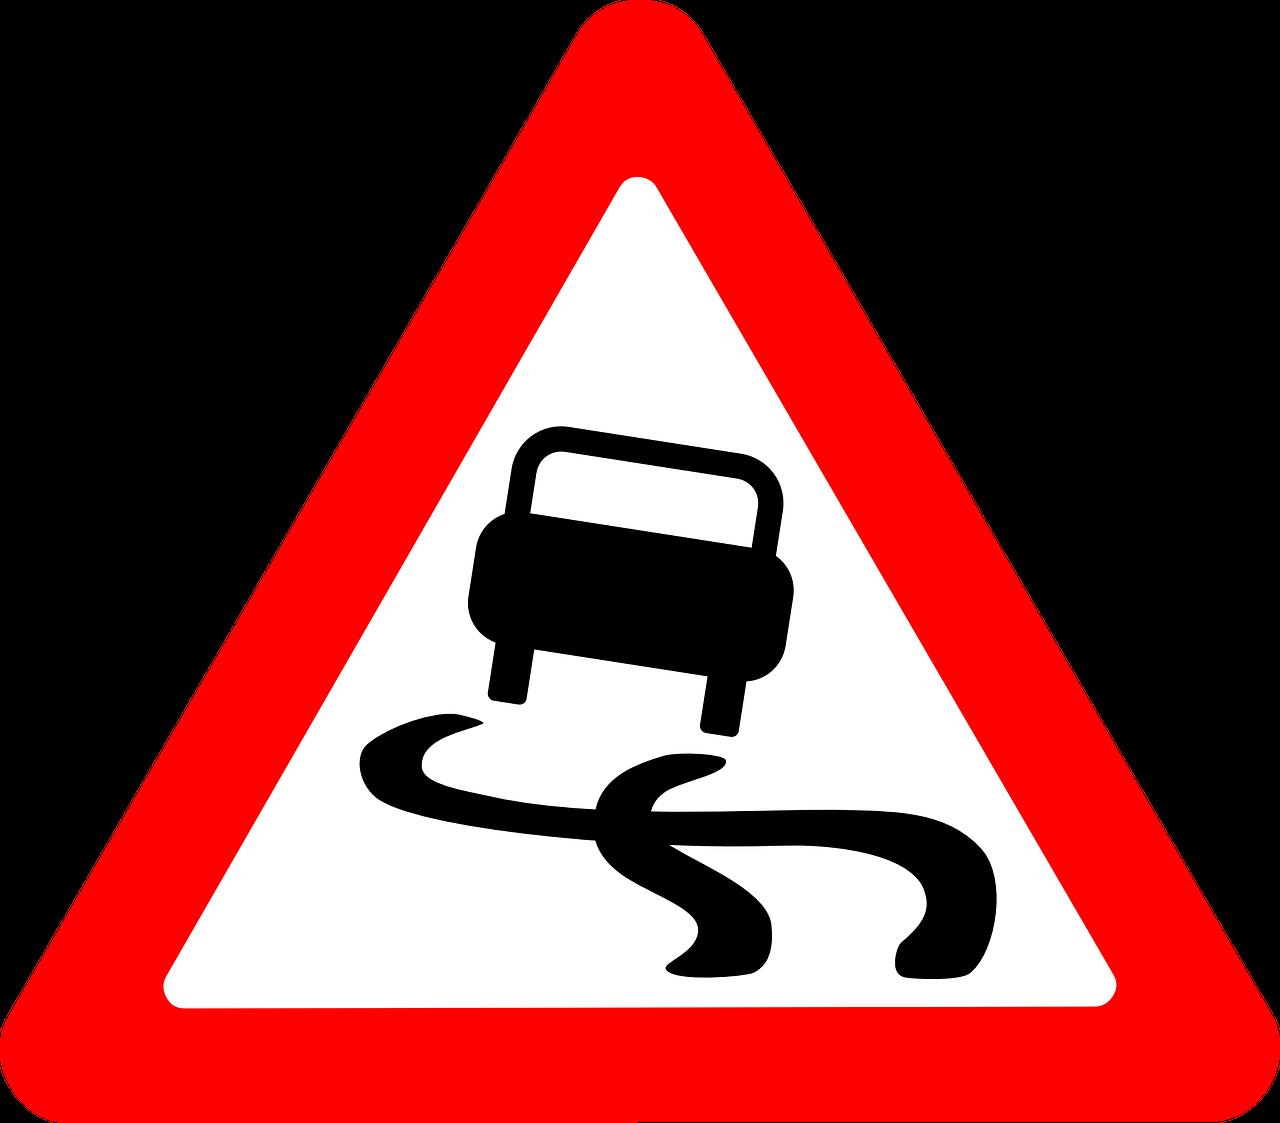 道路標識、スリップ注意